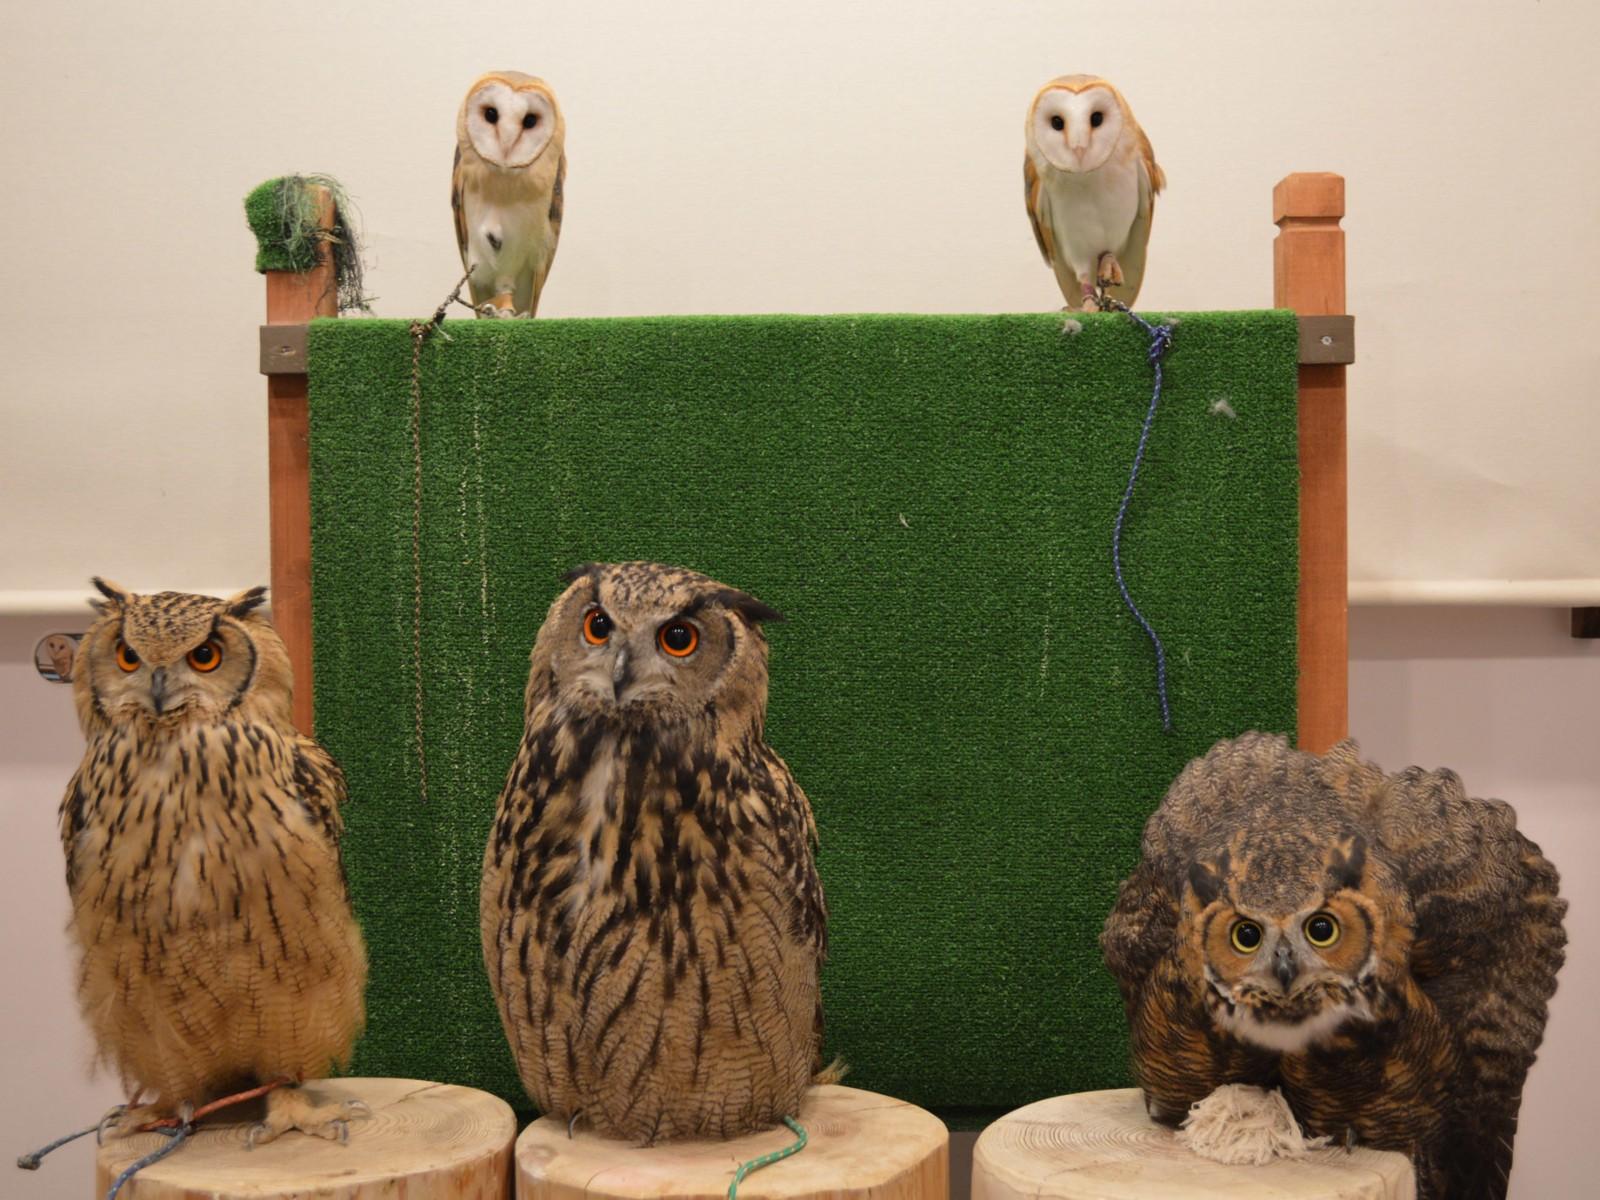 Reservation for Owl Cafe in Tokyo